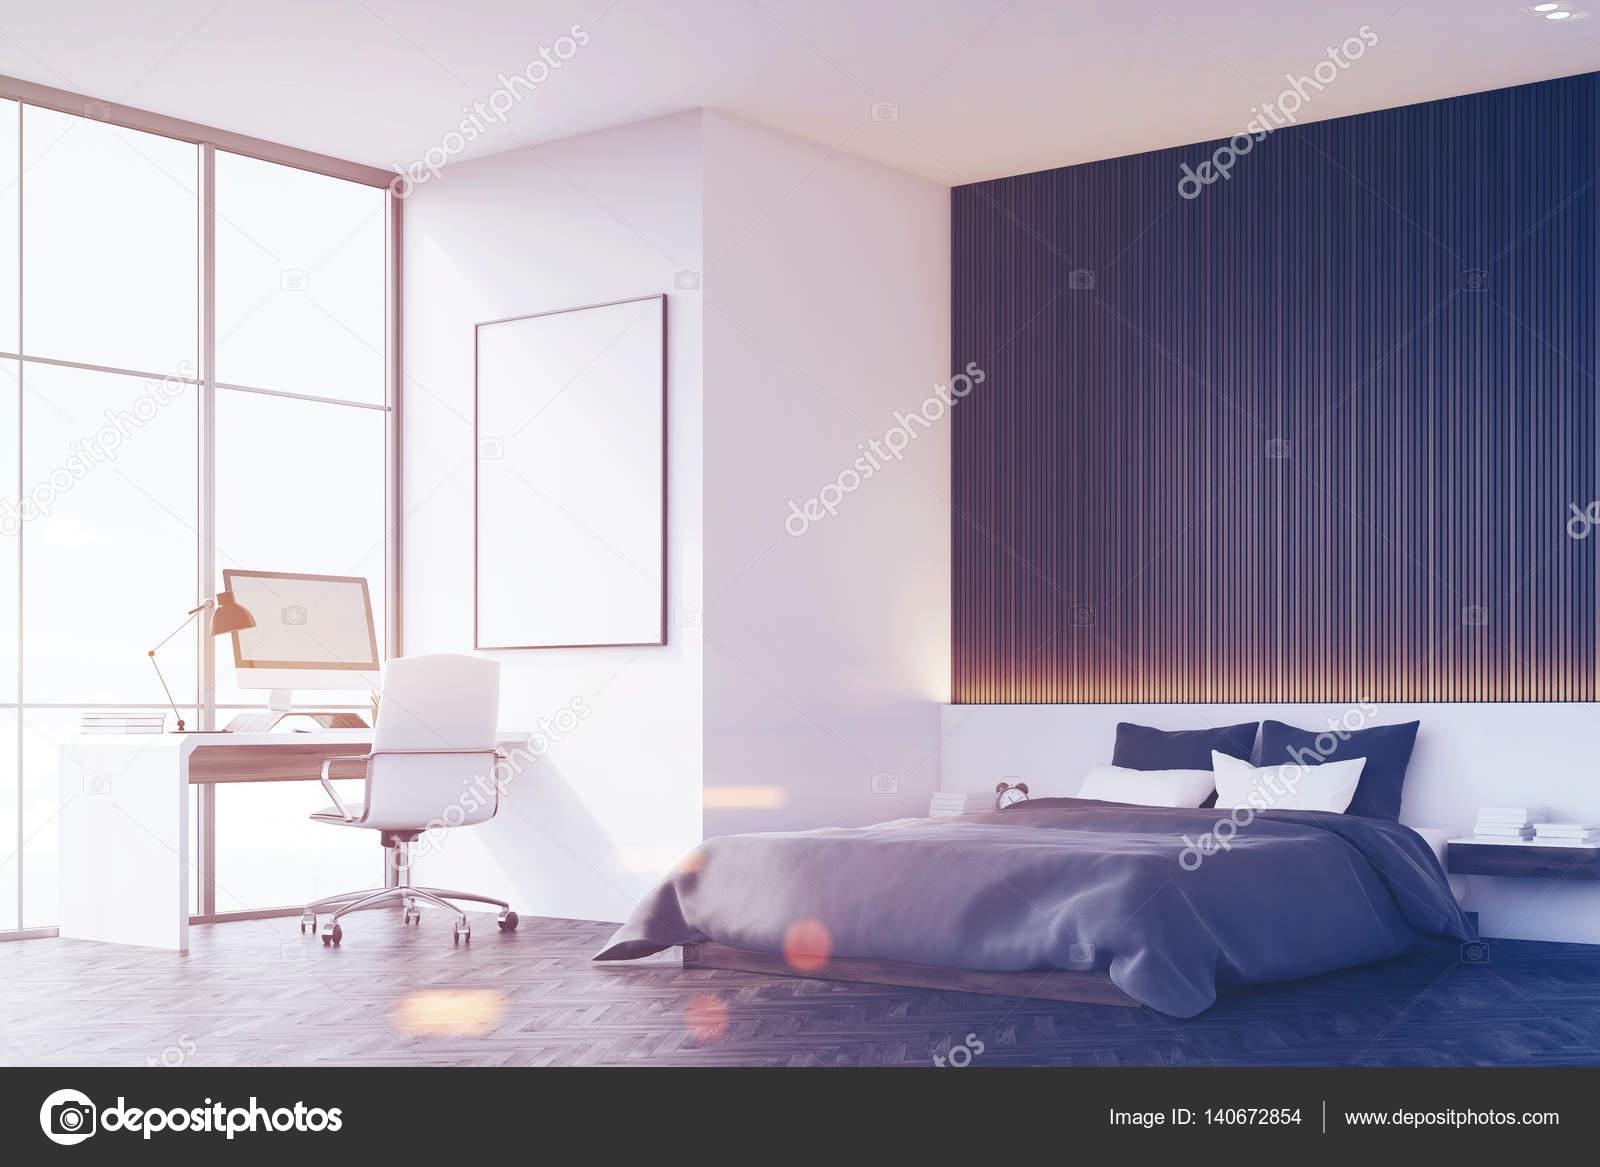 Schon Schlafzimmer Mit Holzwand, Tisch, Seitenansicht, Getönt U2014 Stockfoto